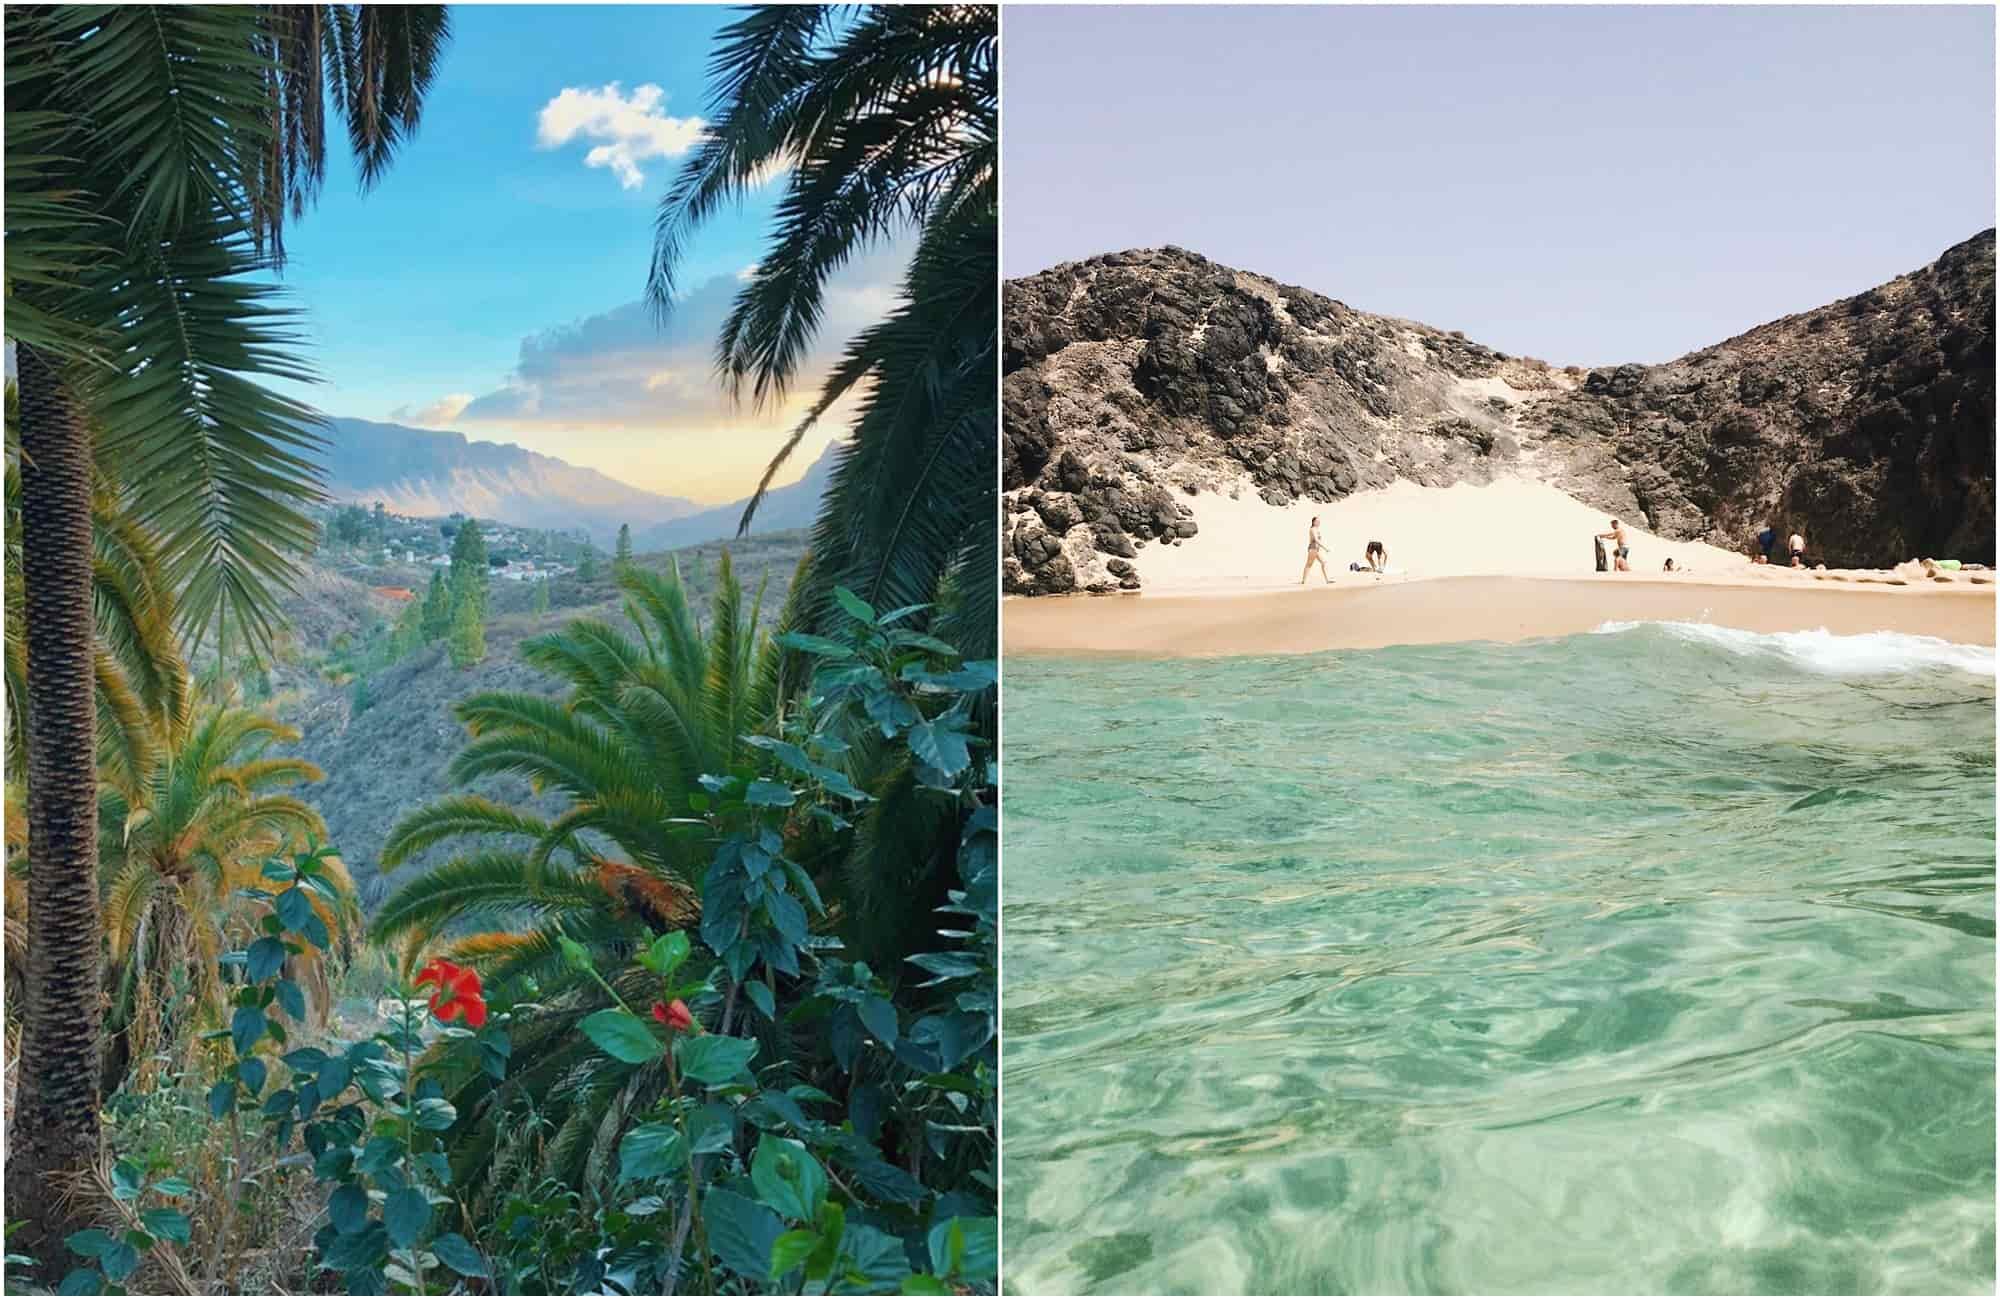 Voyage Canaries - Gran Canaria et plage - Amplitudes